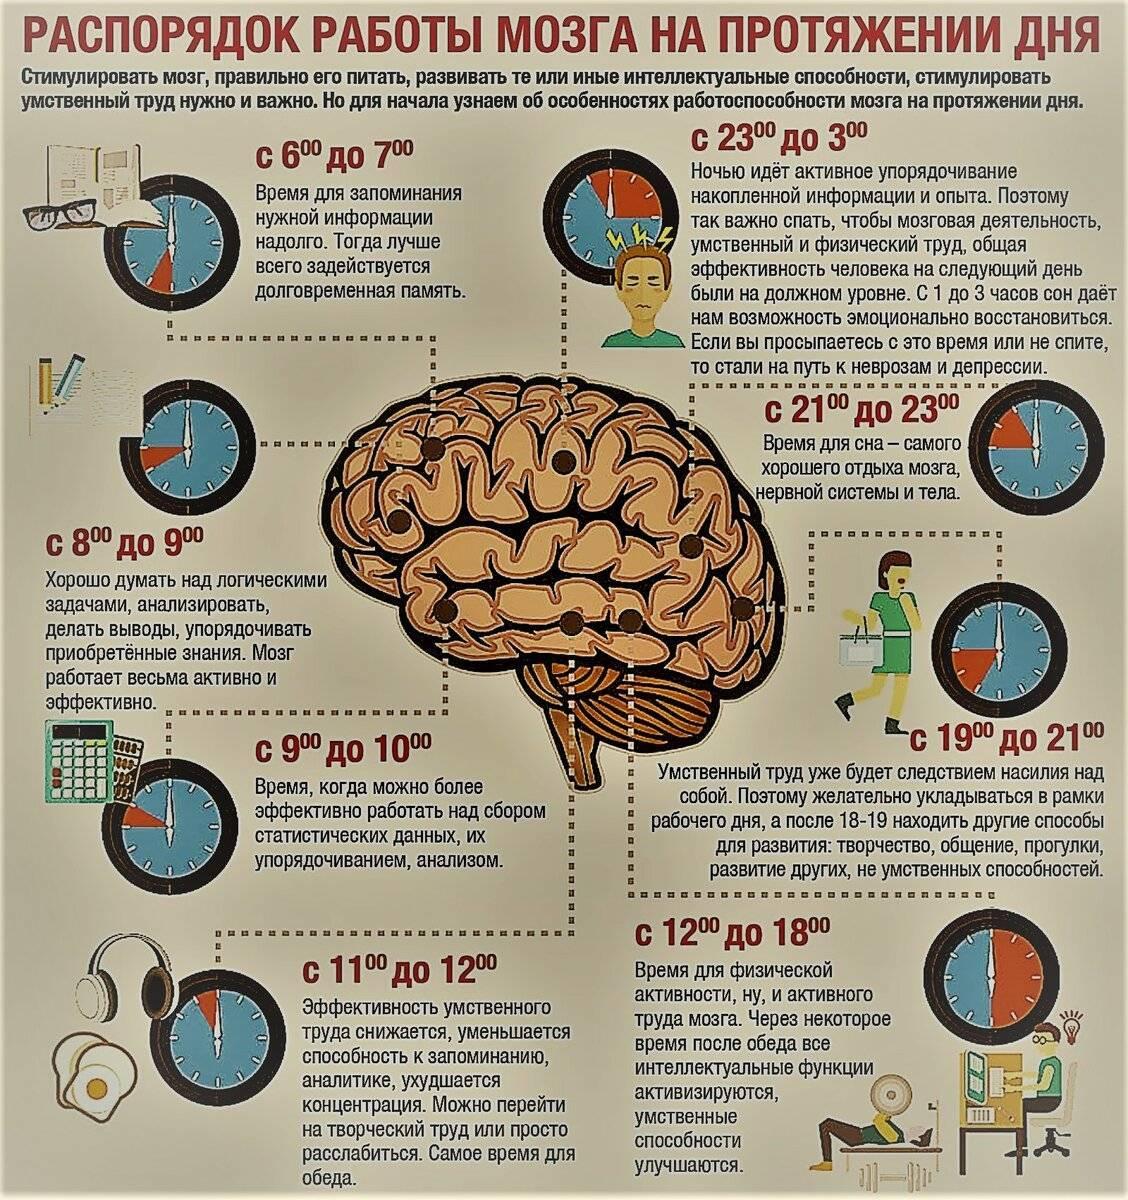 Полезные продукты для мозга: какие улучшают работу, какие вредны, список